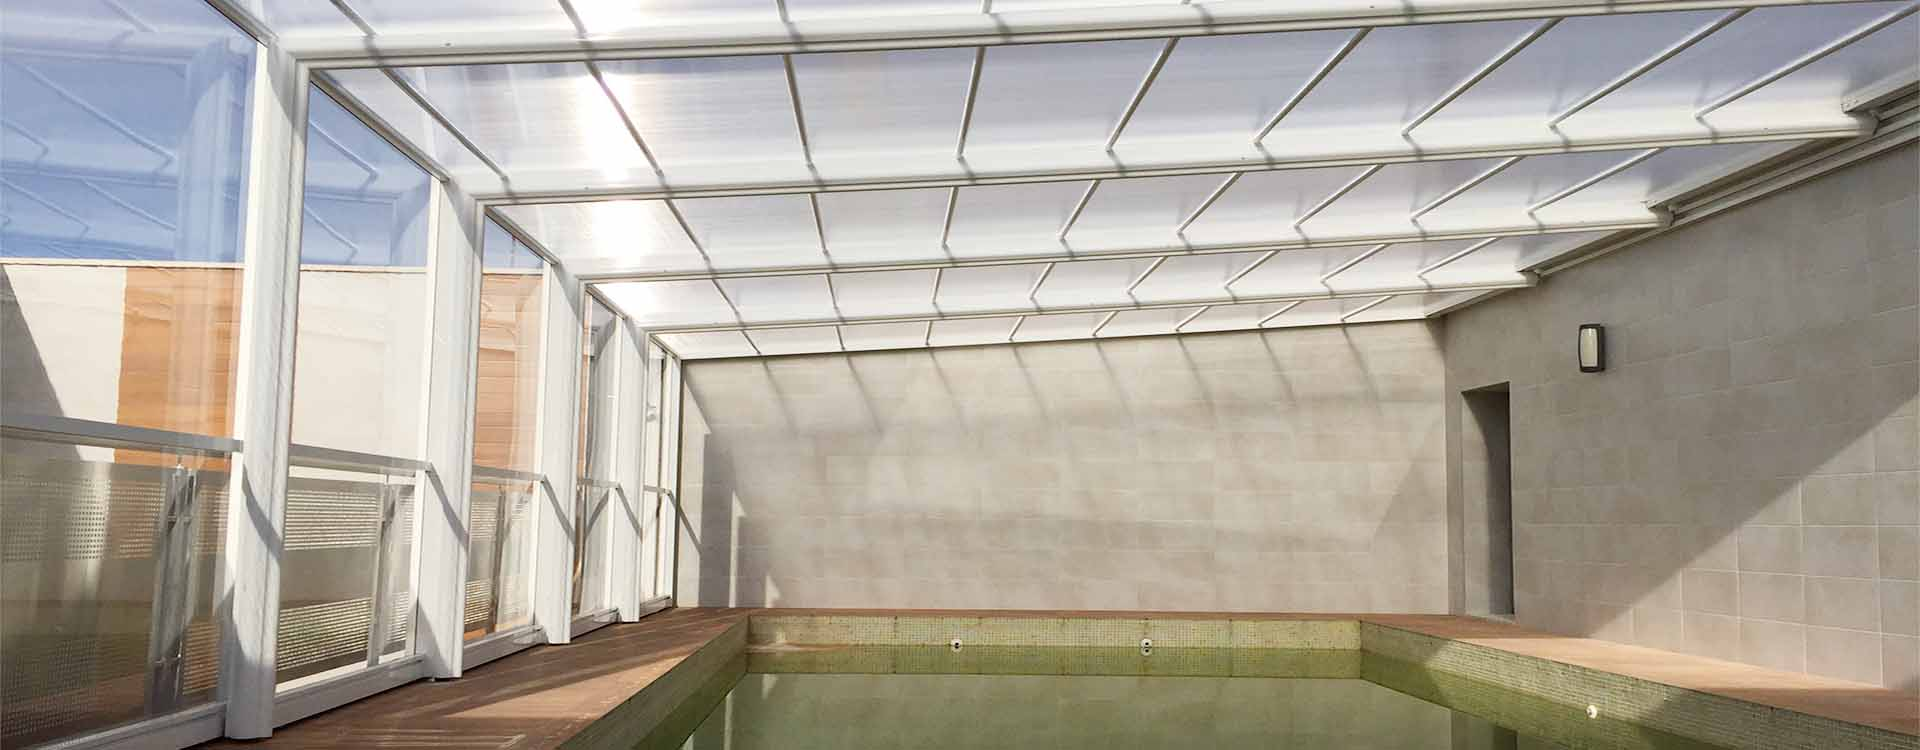 Cubiertas para piscinas y cerramientos comprar modelos for Cubiertas para casas